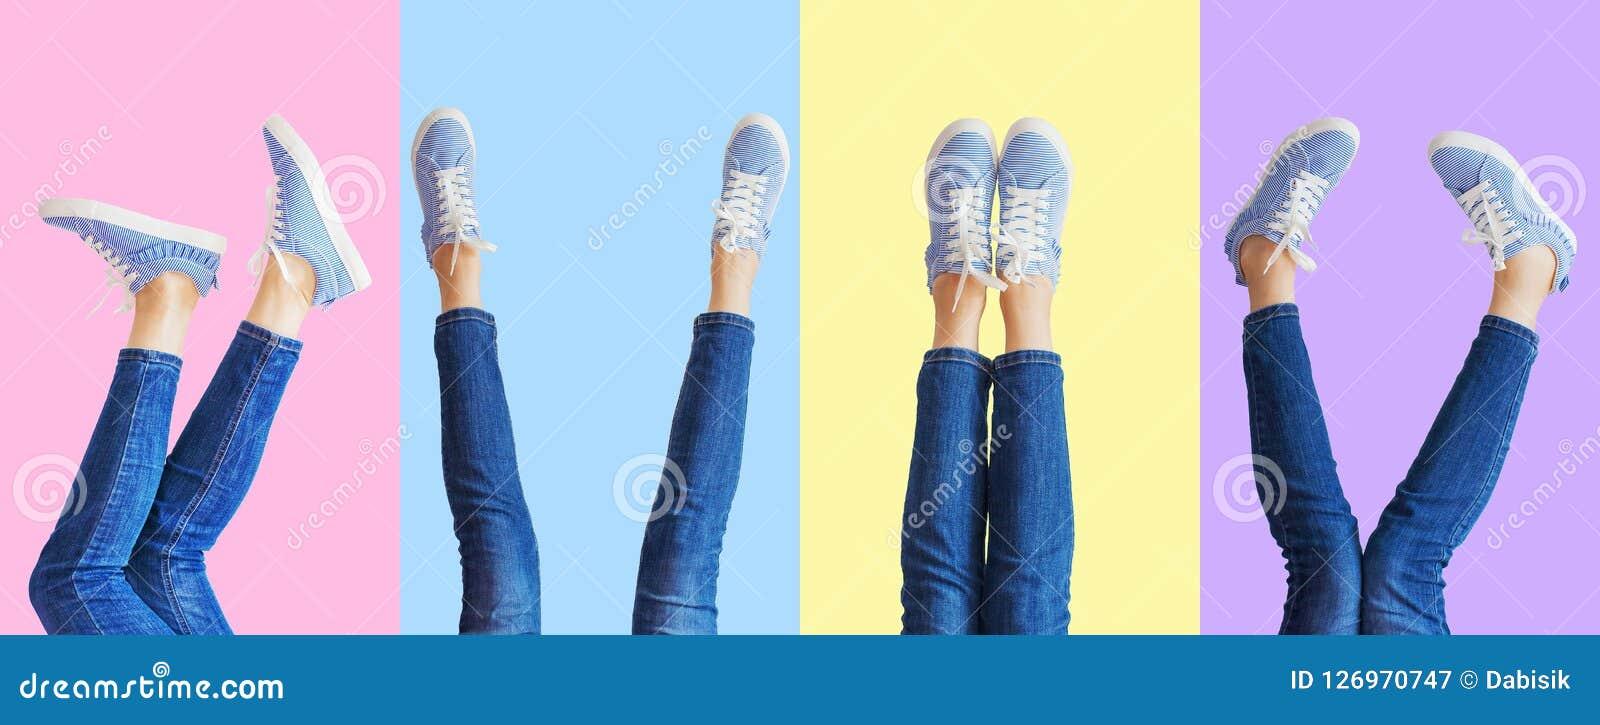 Collage des jambes femelles dans les jeans et des espadrilles dans les différentes poses sur le fond coloré, panorama